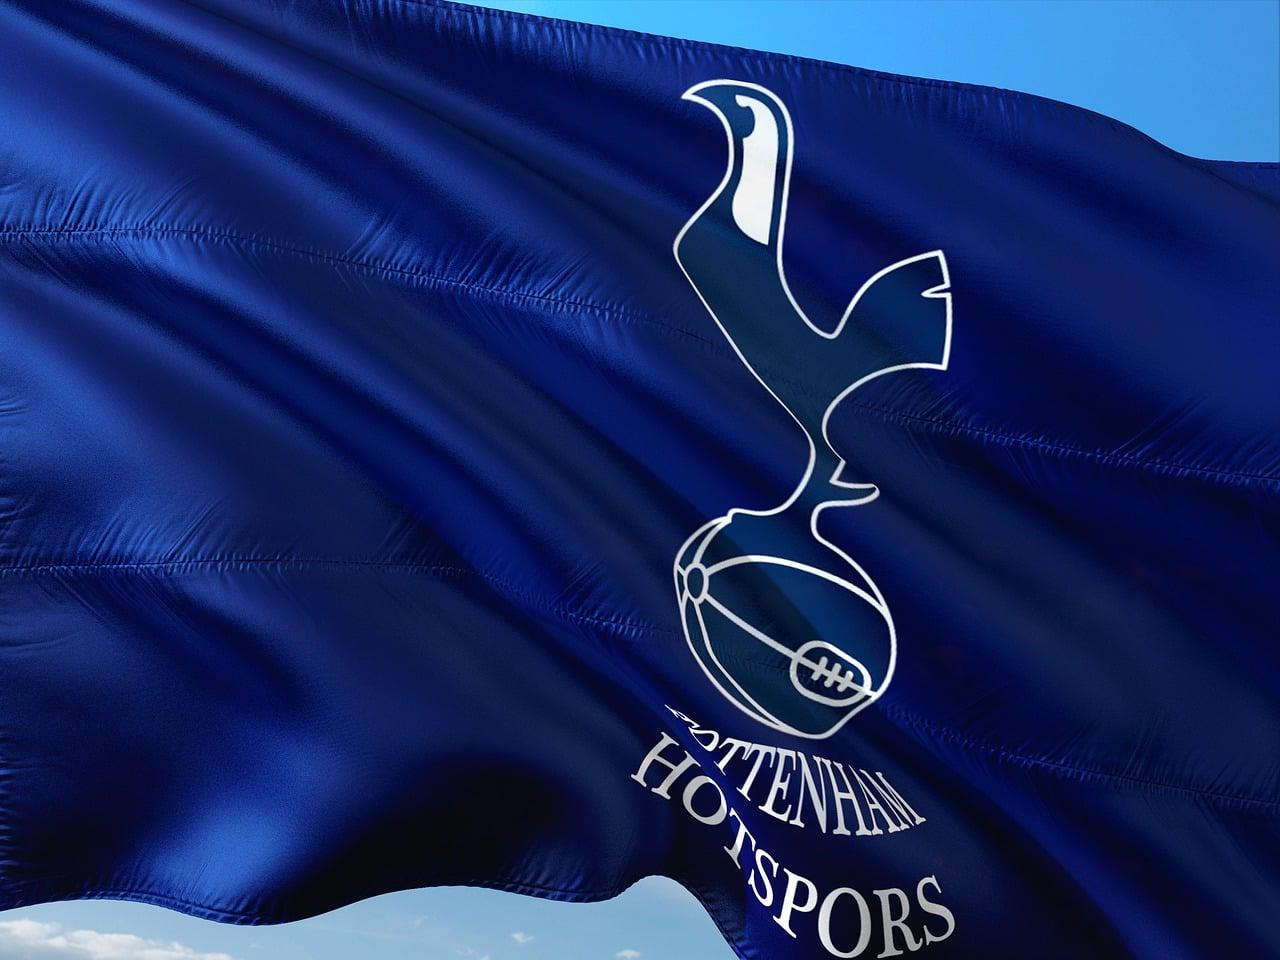 Tottenham hotspur2